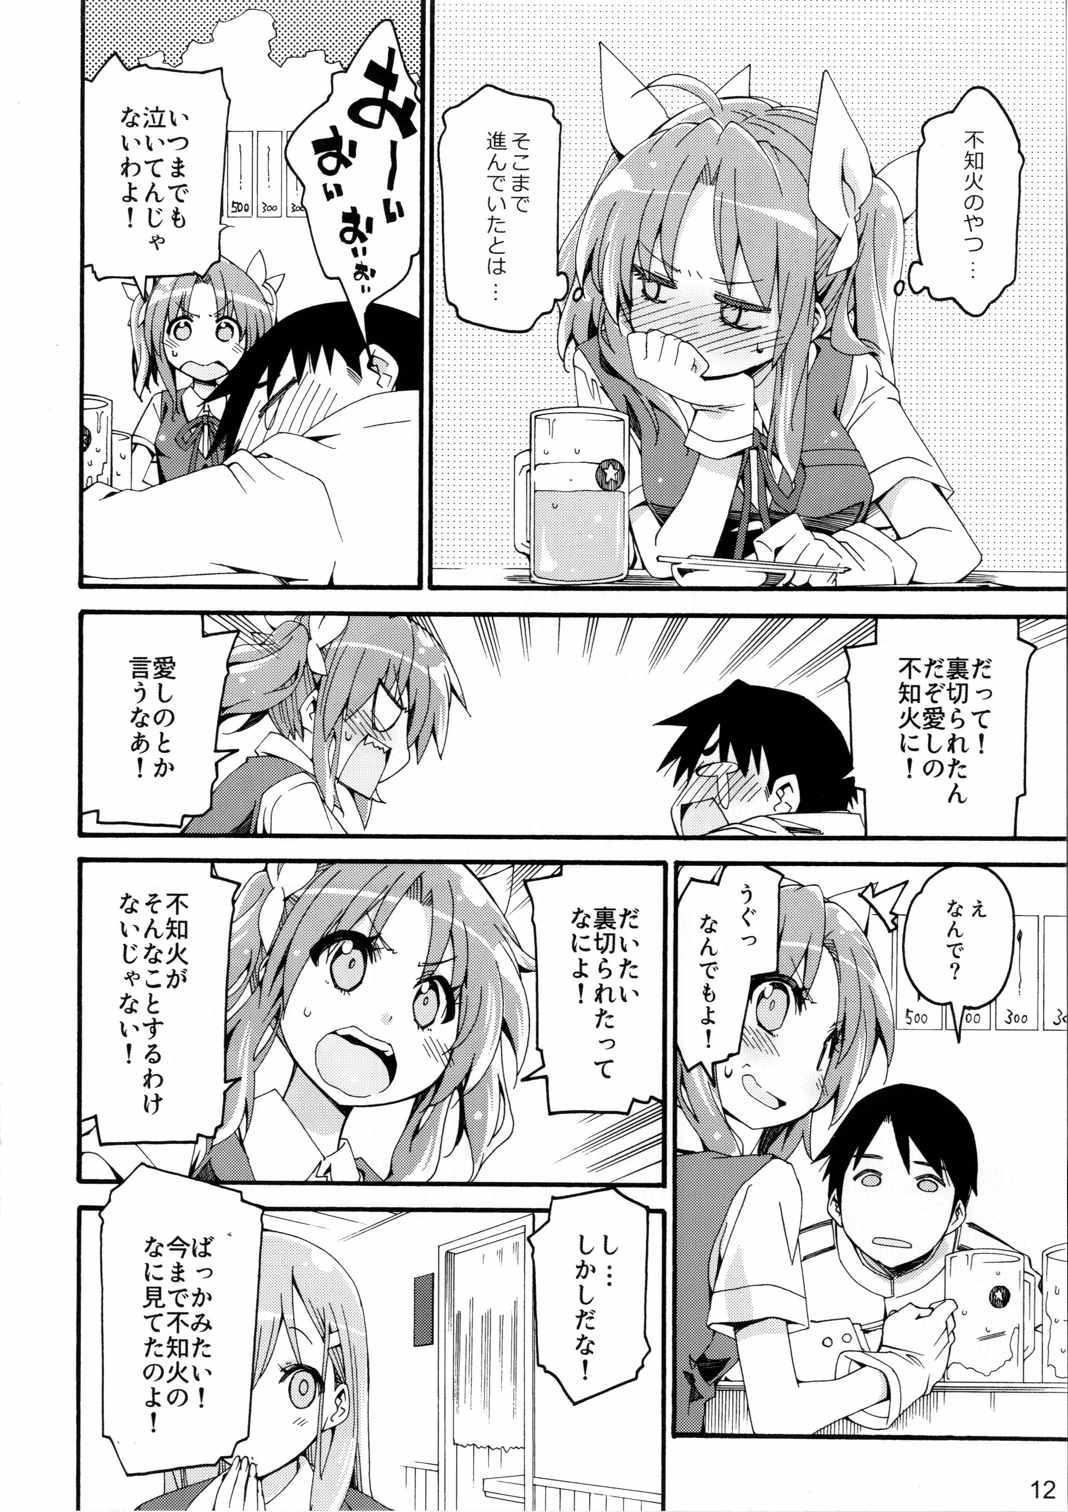 Shiranui wa Teitoku ni... 10